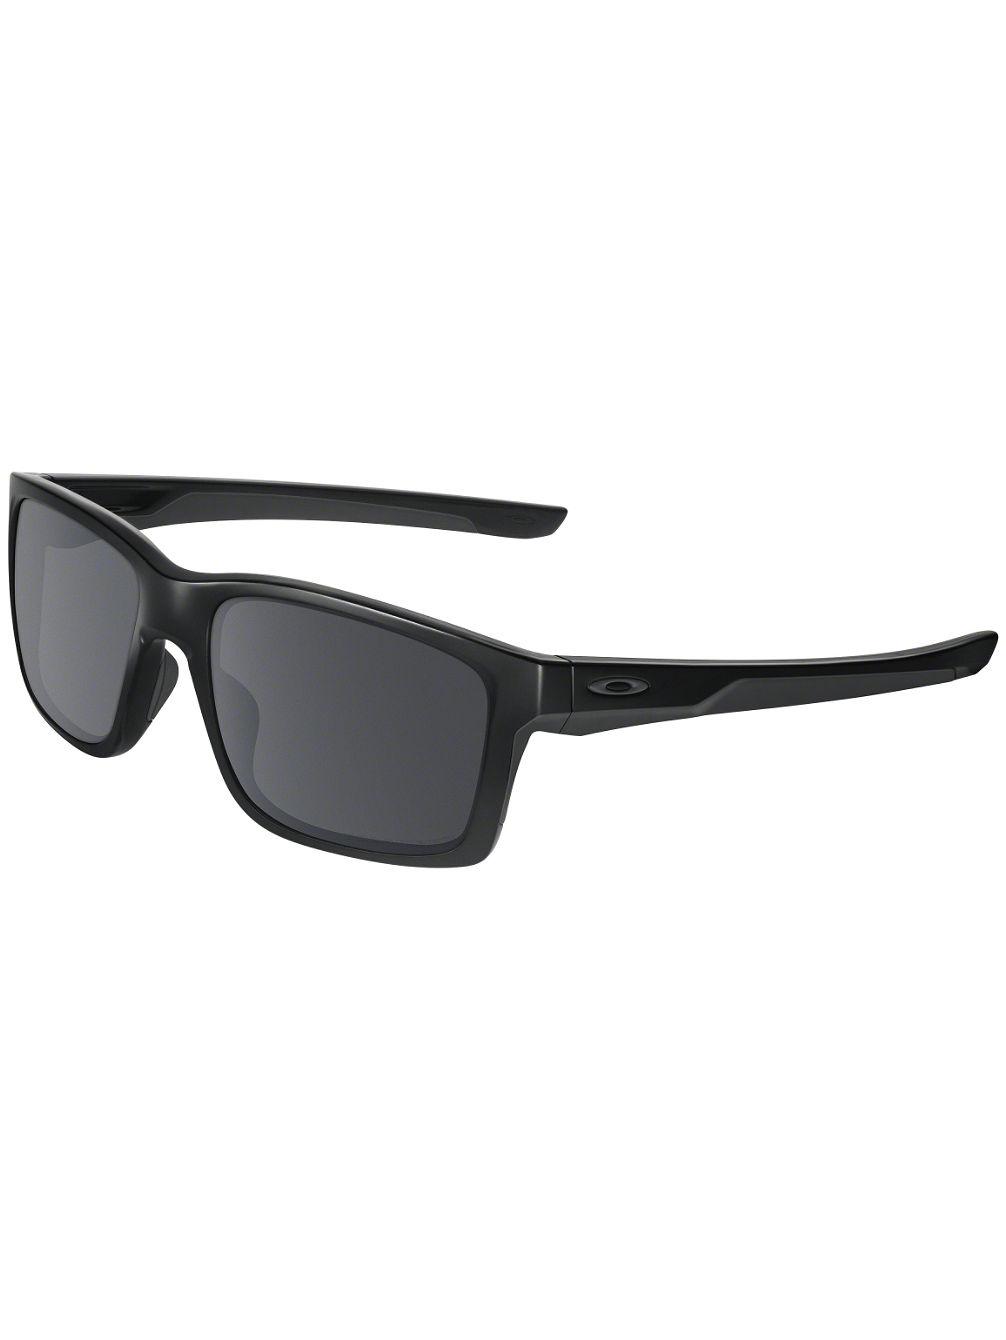 ad0974a325 Oakley Mainlink Polished Black Sonnenbrille online kaufen bei  www.semadatacoop.org